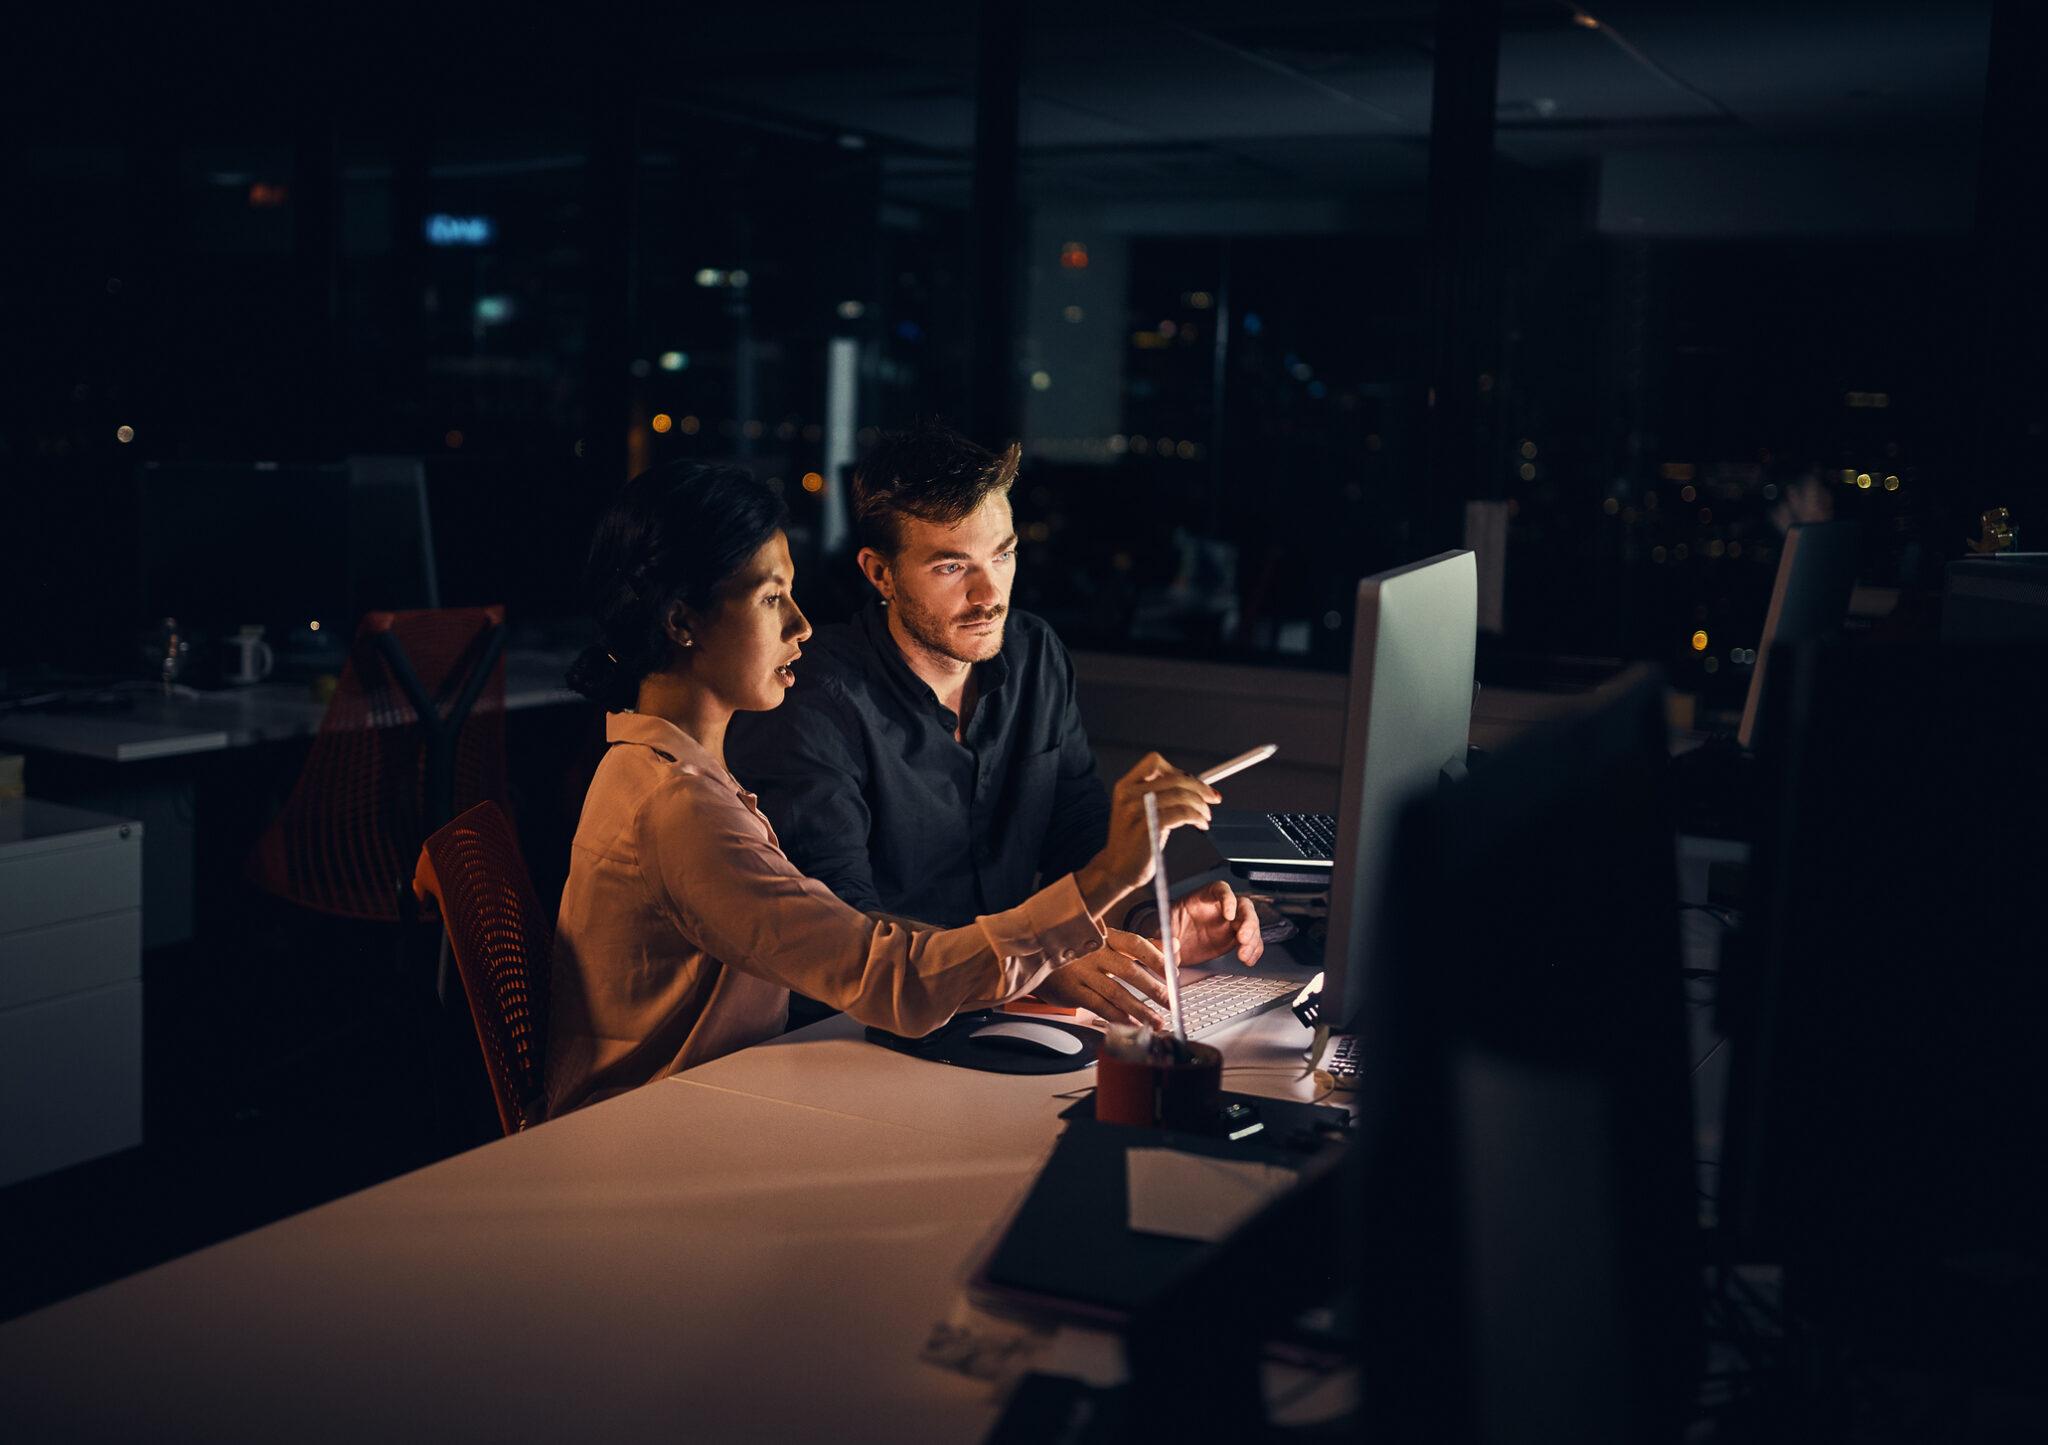 Zwei Menschen sitzen spät abends / nachts im Büro